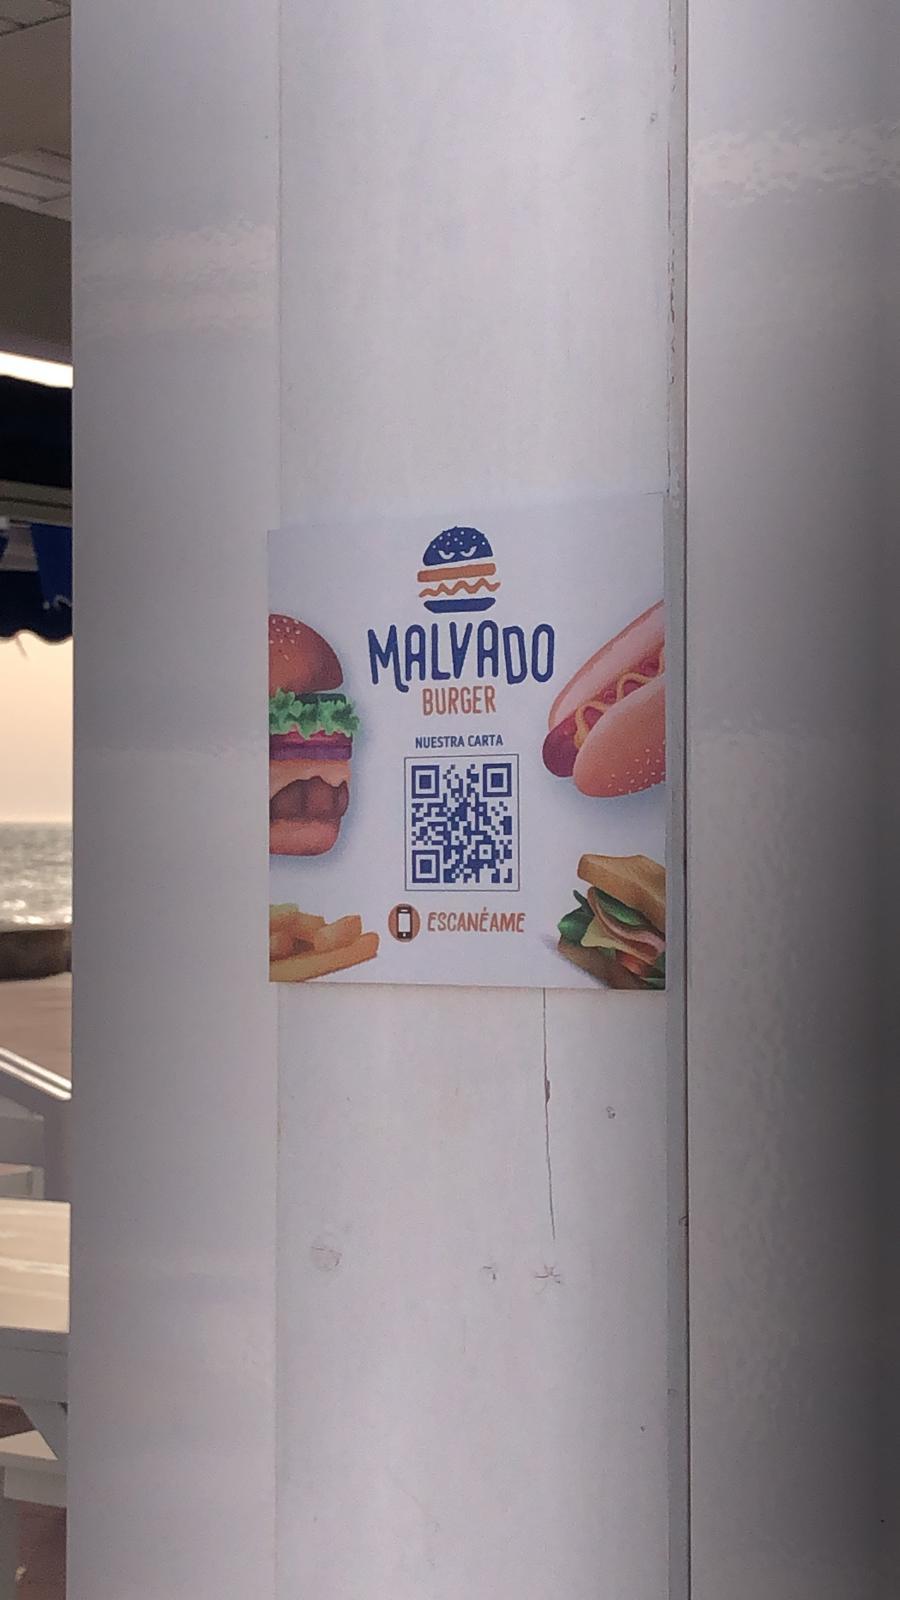 Código QR para menú situado en la pared